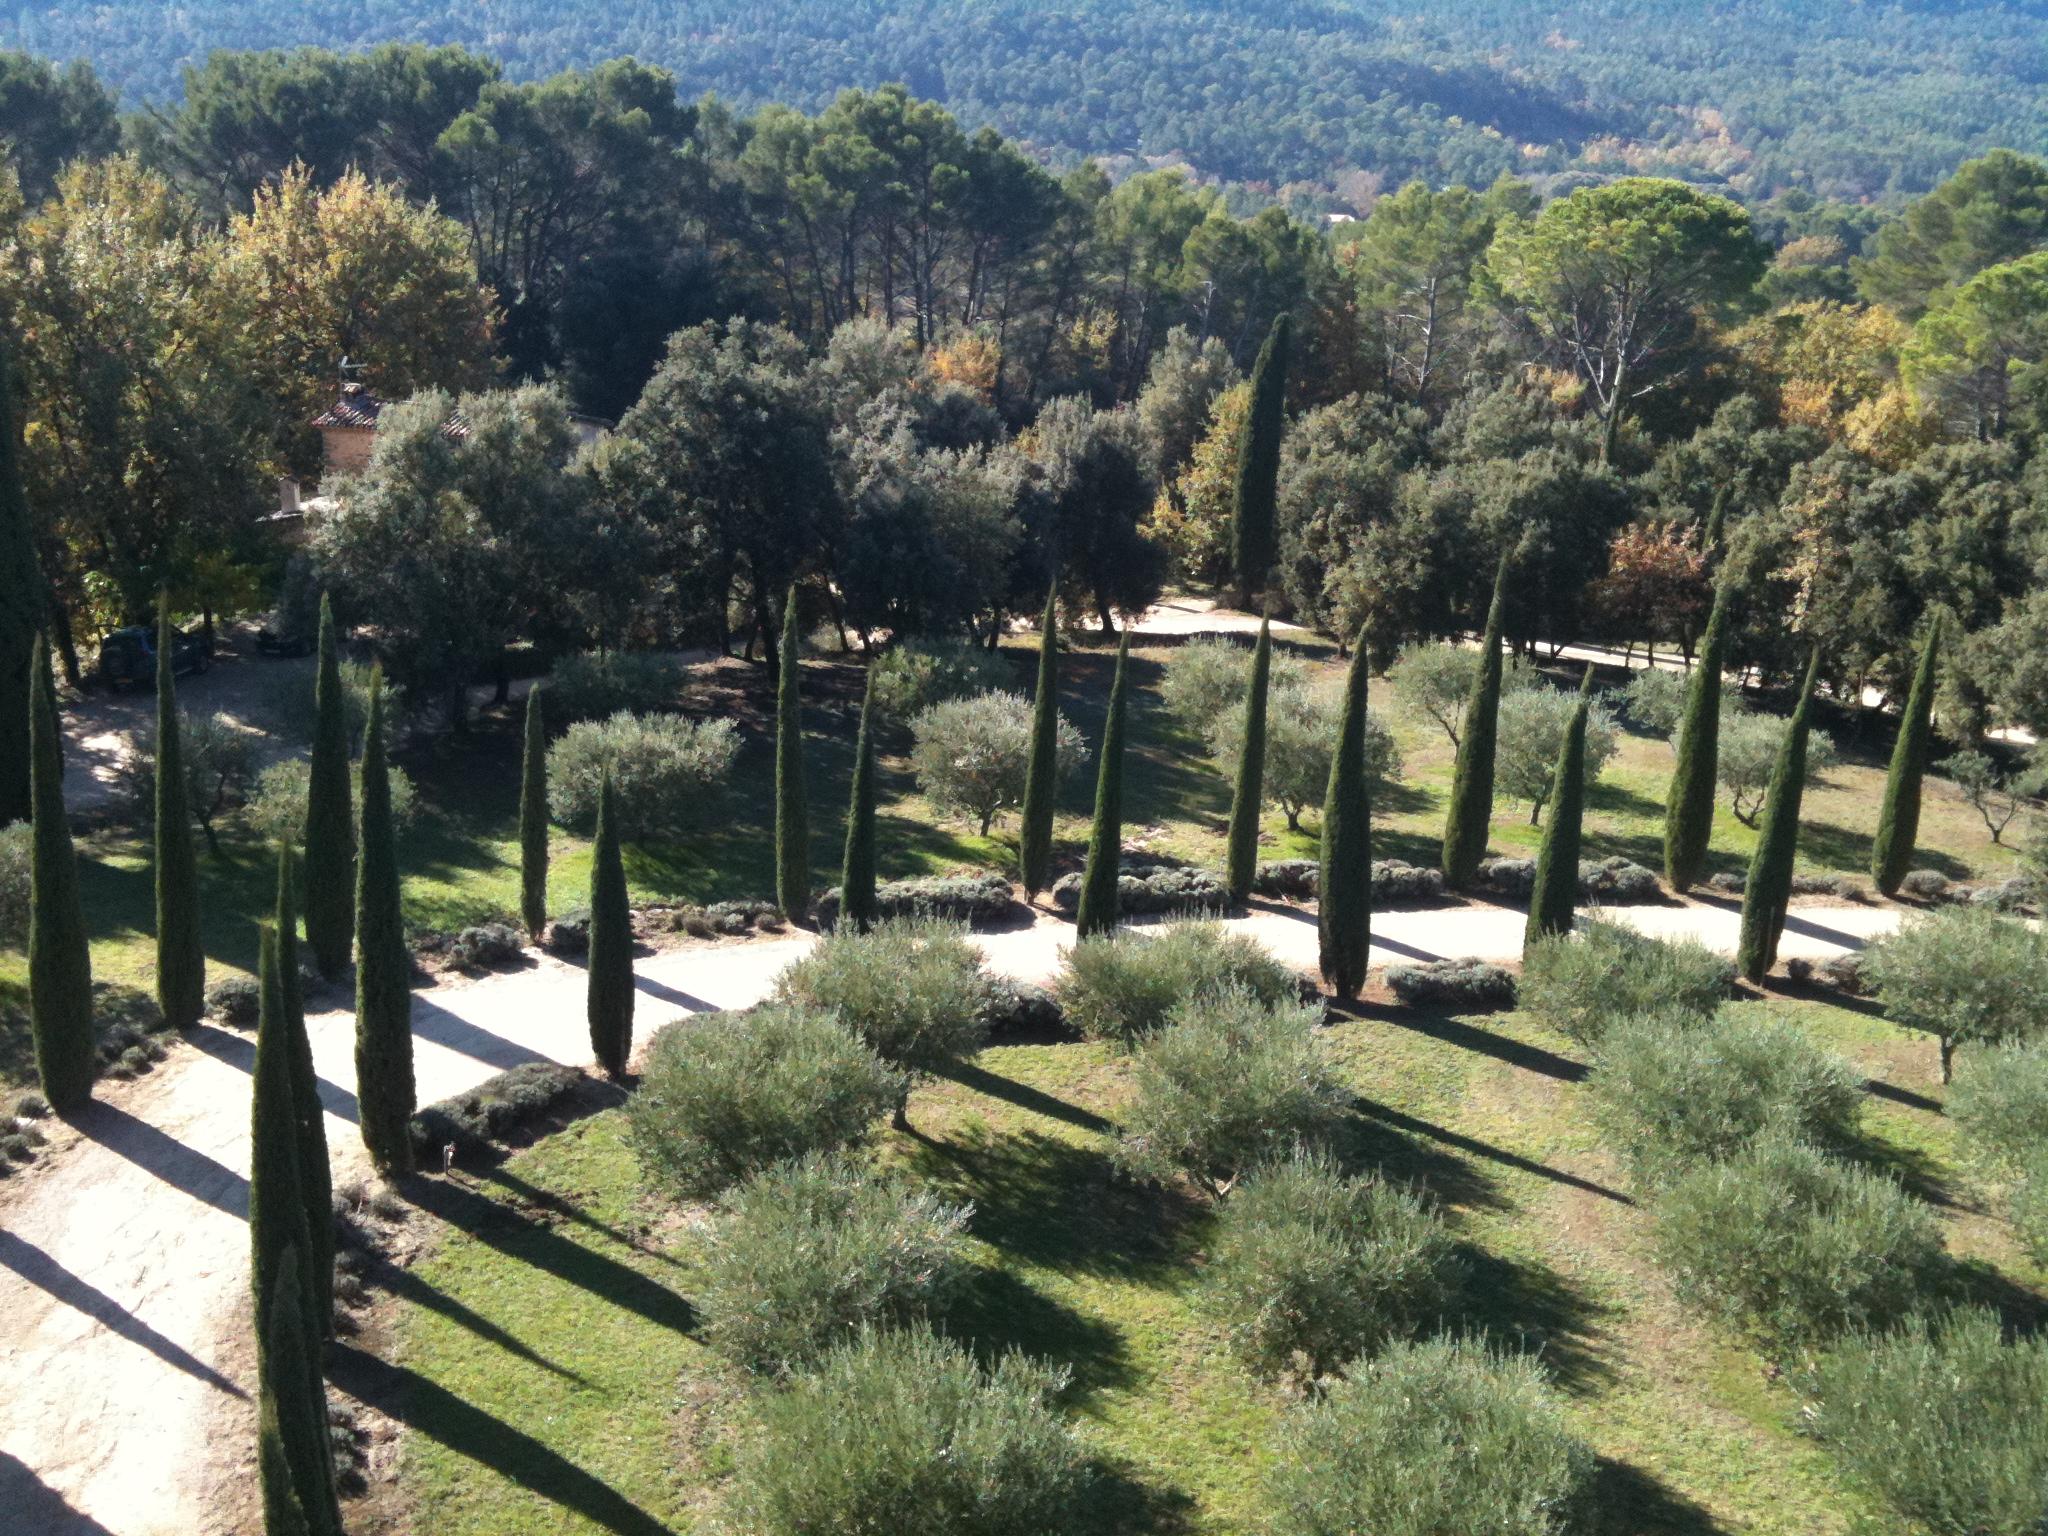 Domaine des rabelles taille ornementale frejus for Entretien jardin draguignan